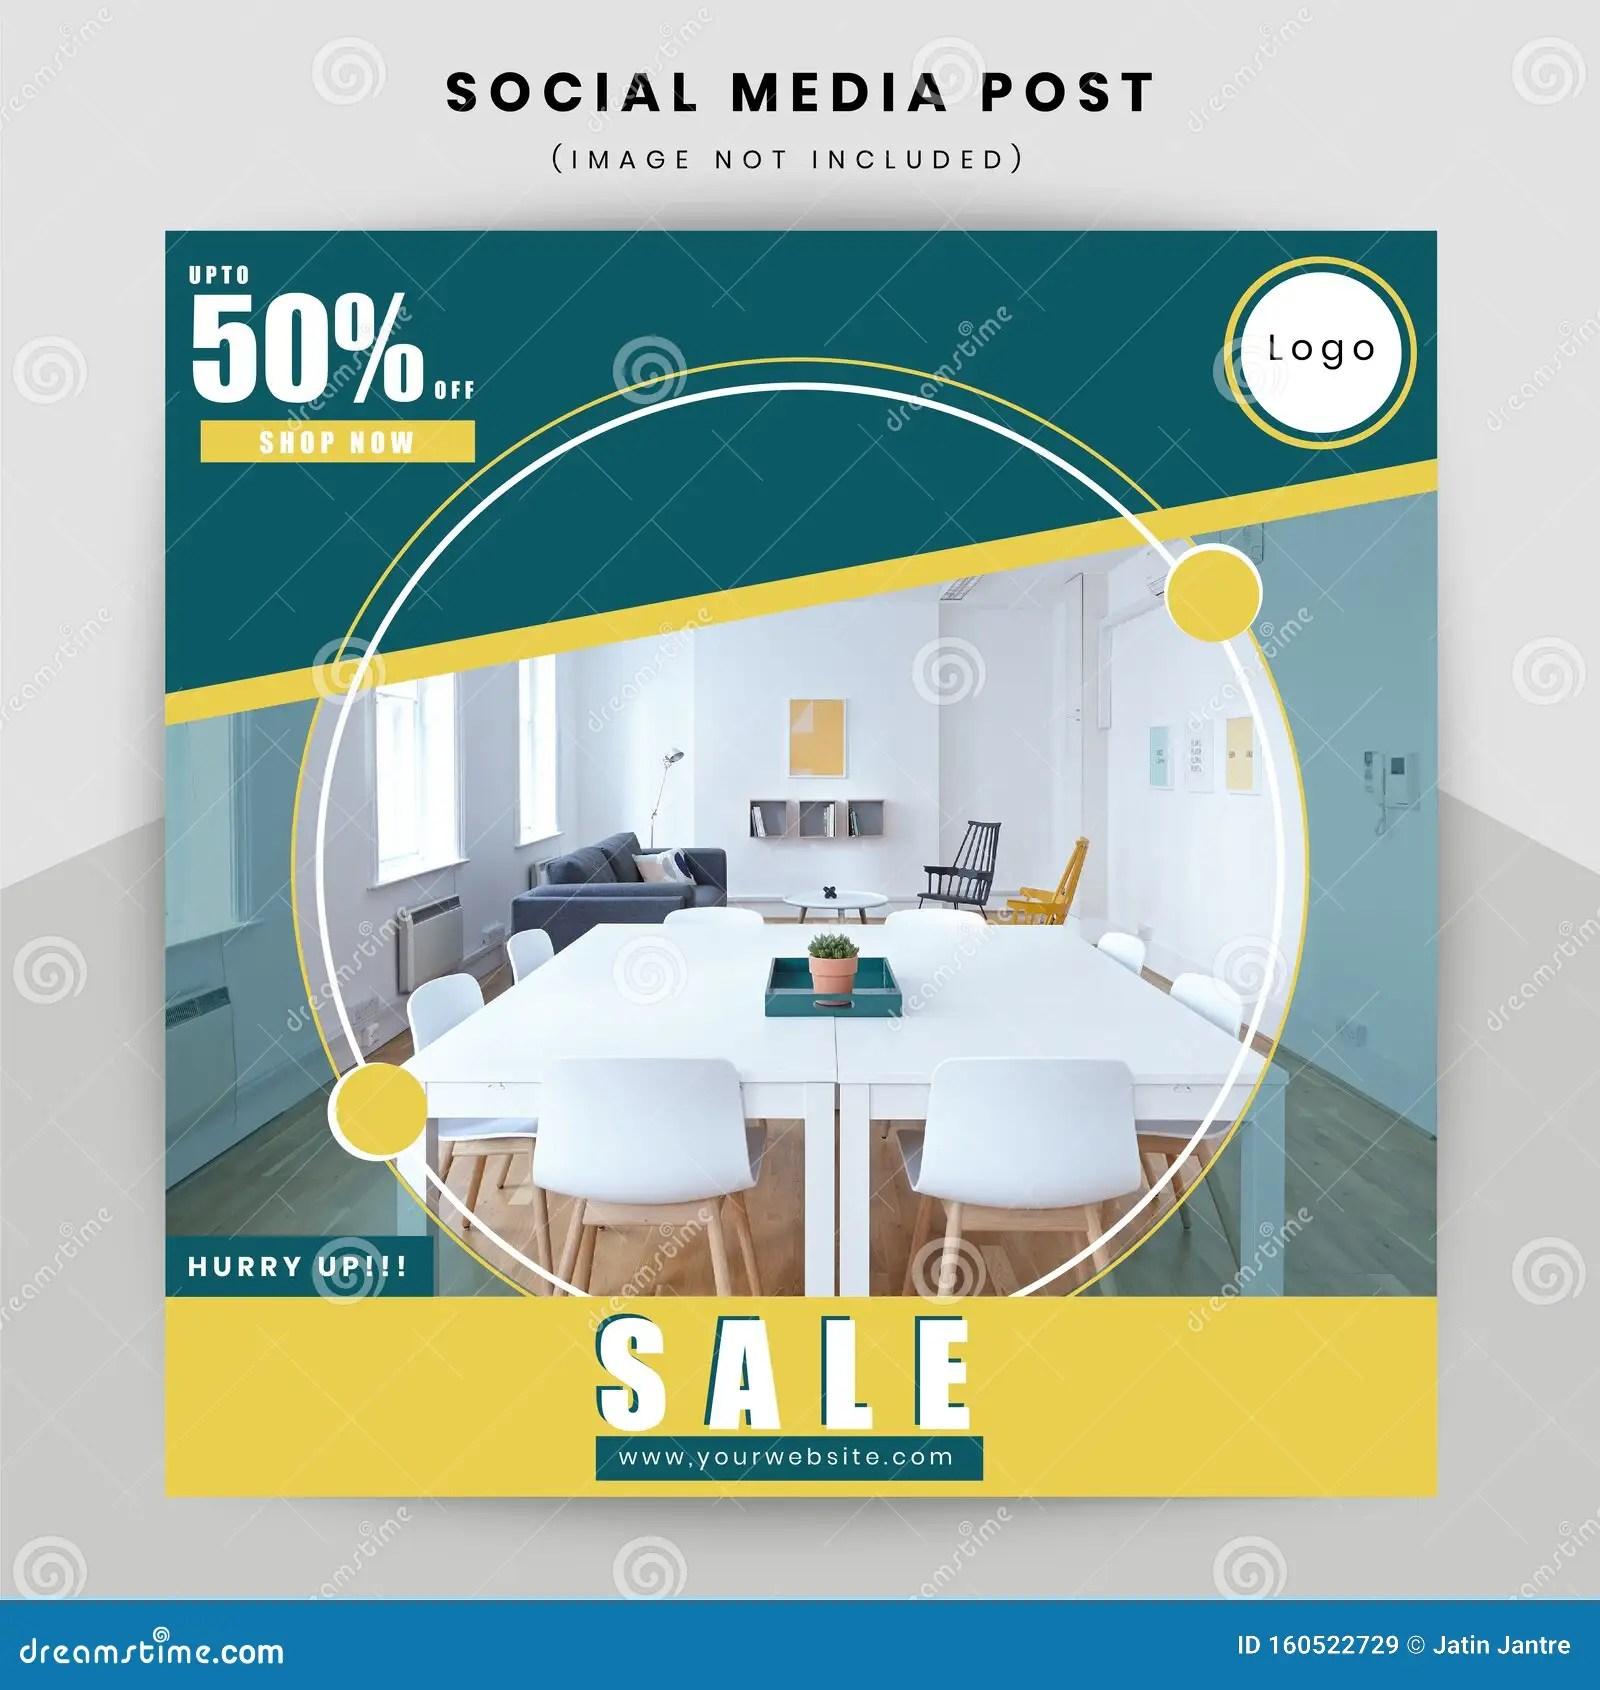 https www dreamstime com special offer sale social media poster design template image160522729